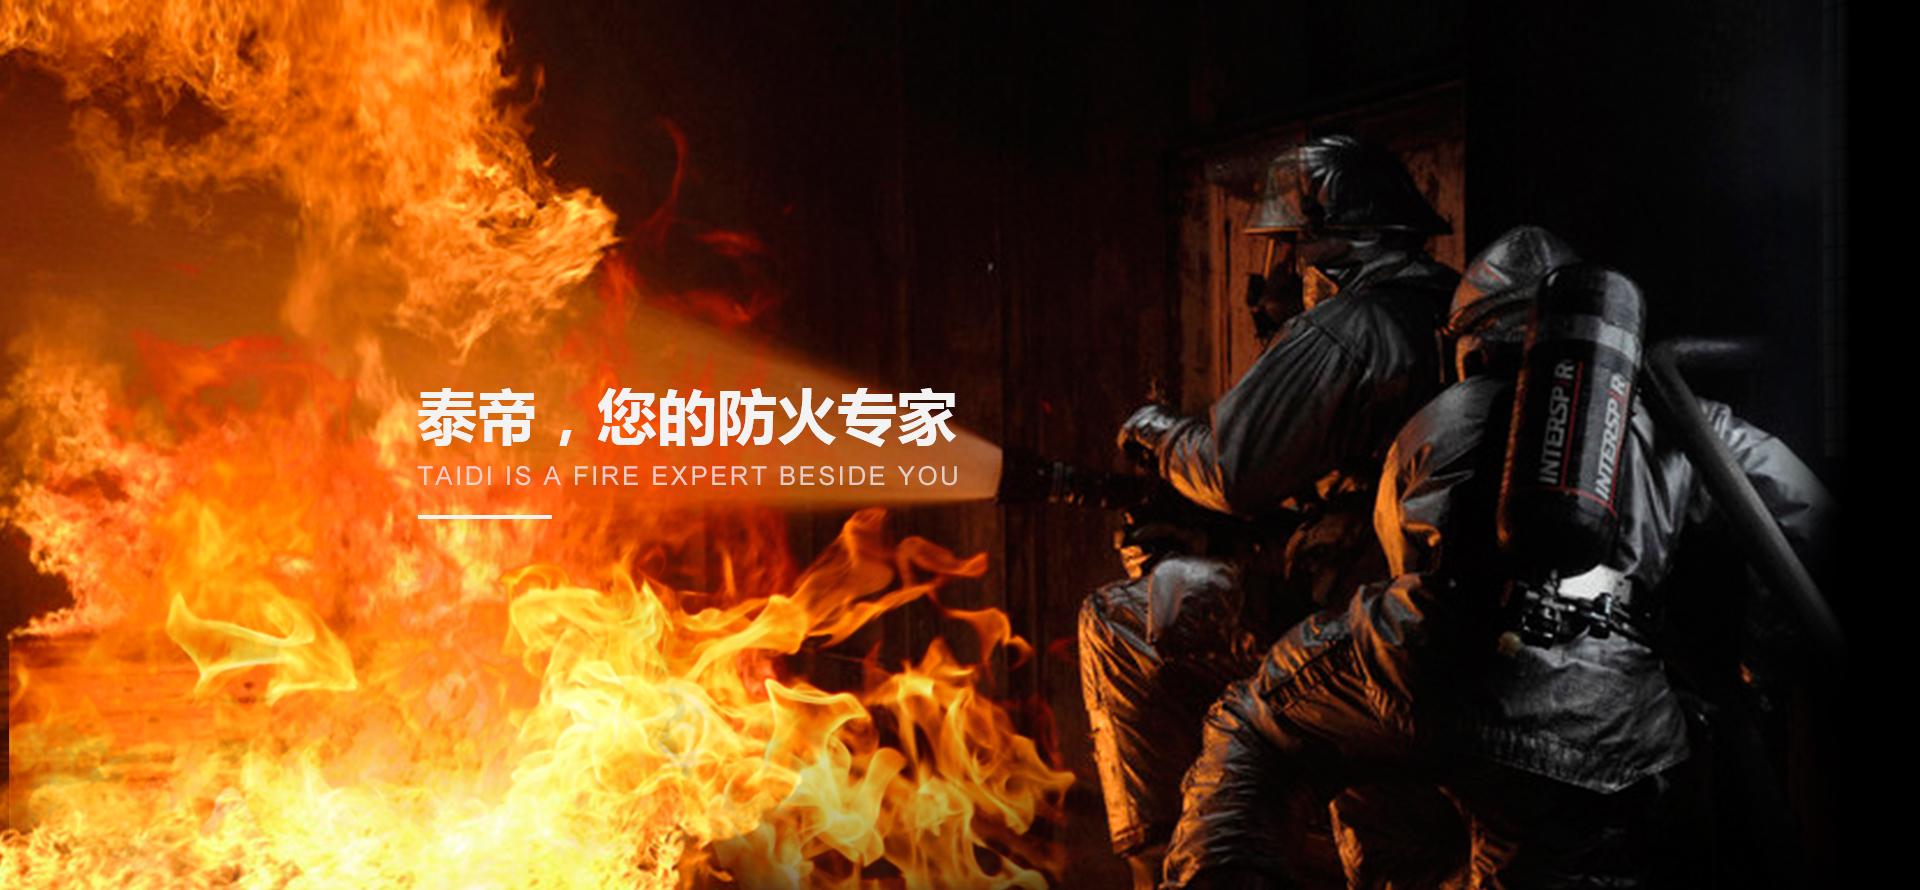 NOVEC1230锂电池灭火